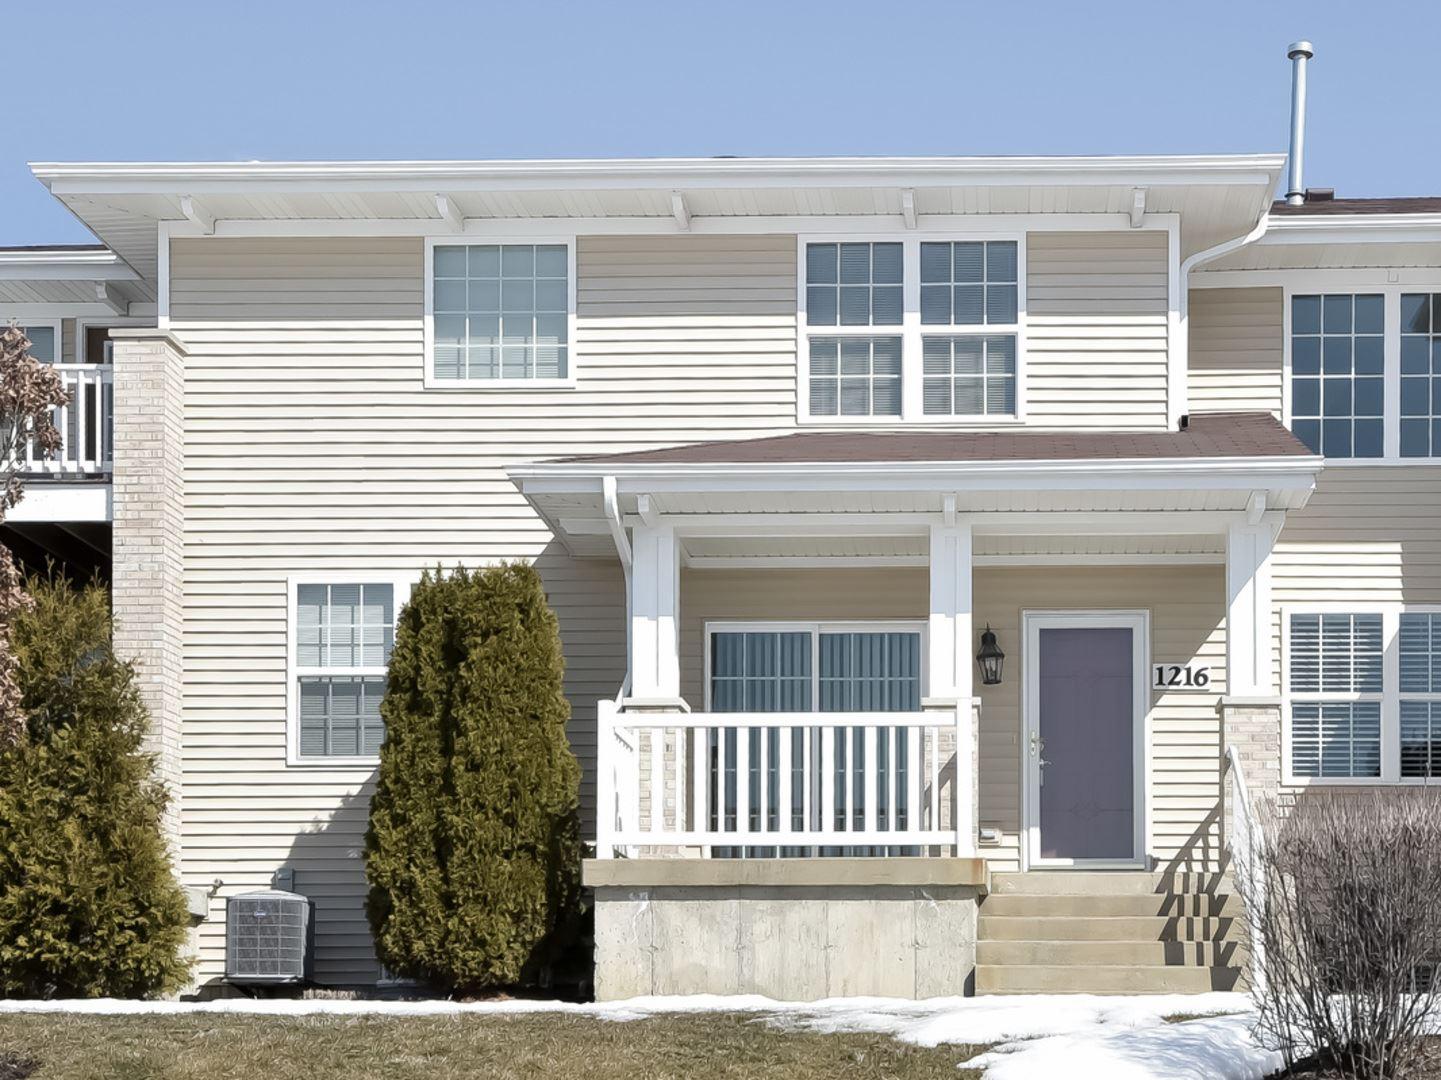 1216 Walnut Glen Drive, Crystal Lake, IL 60014 - #: 11011583